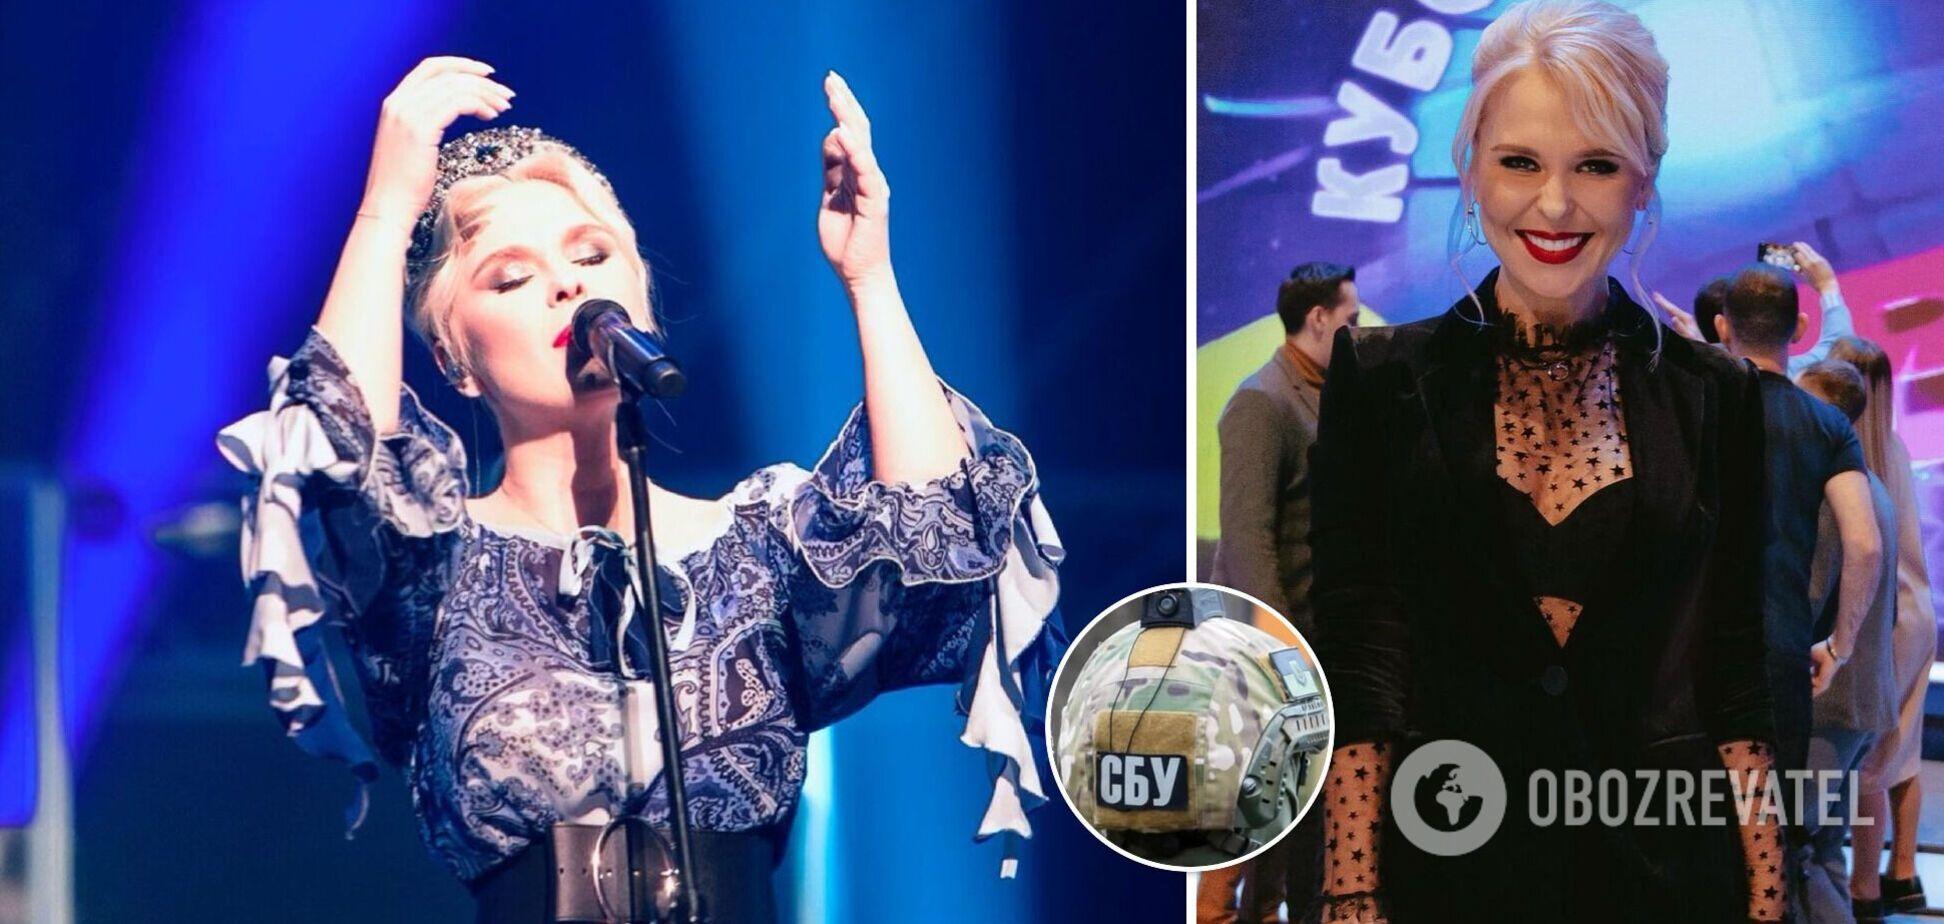 СБУ заборонила в'їзд співачці Пелагеї в Україну. Подробиці